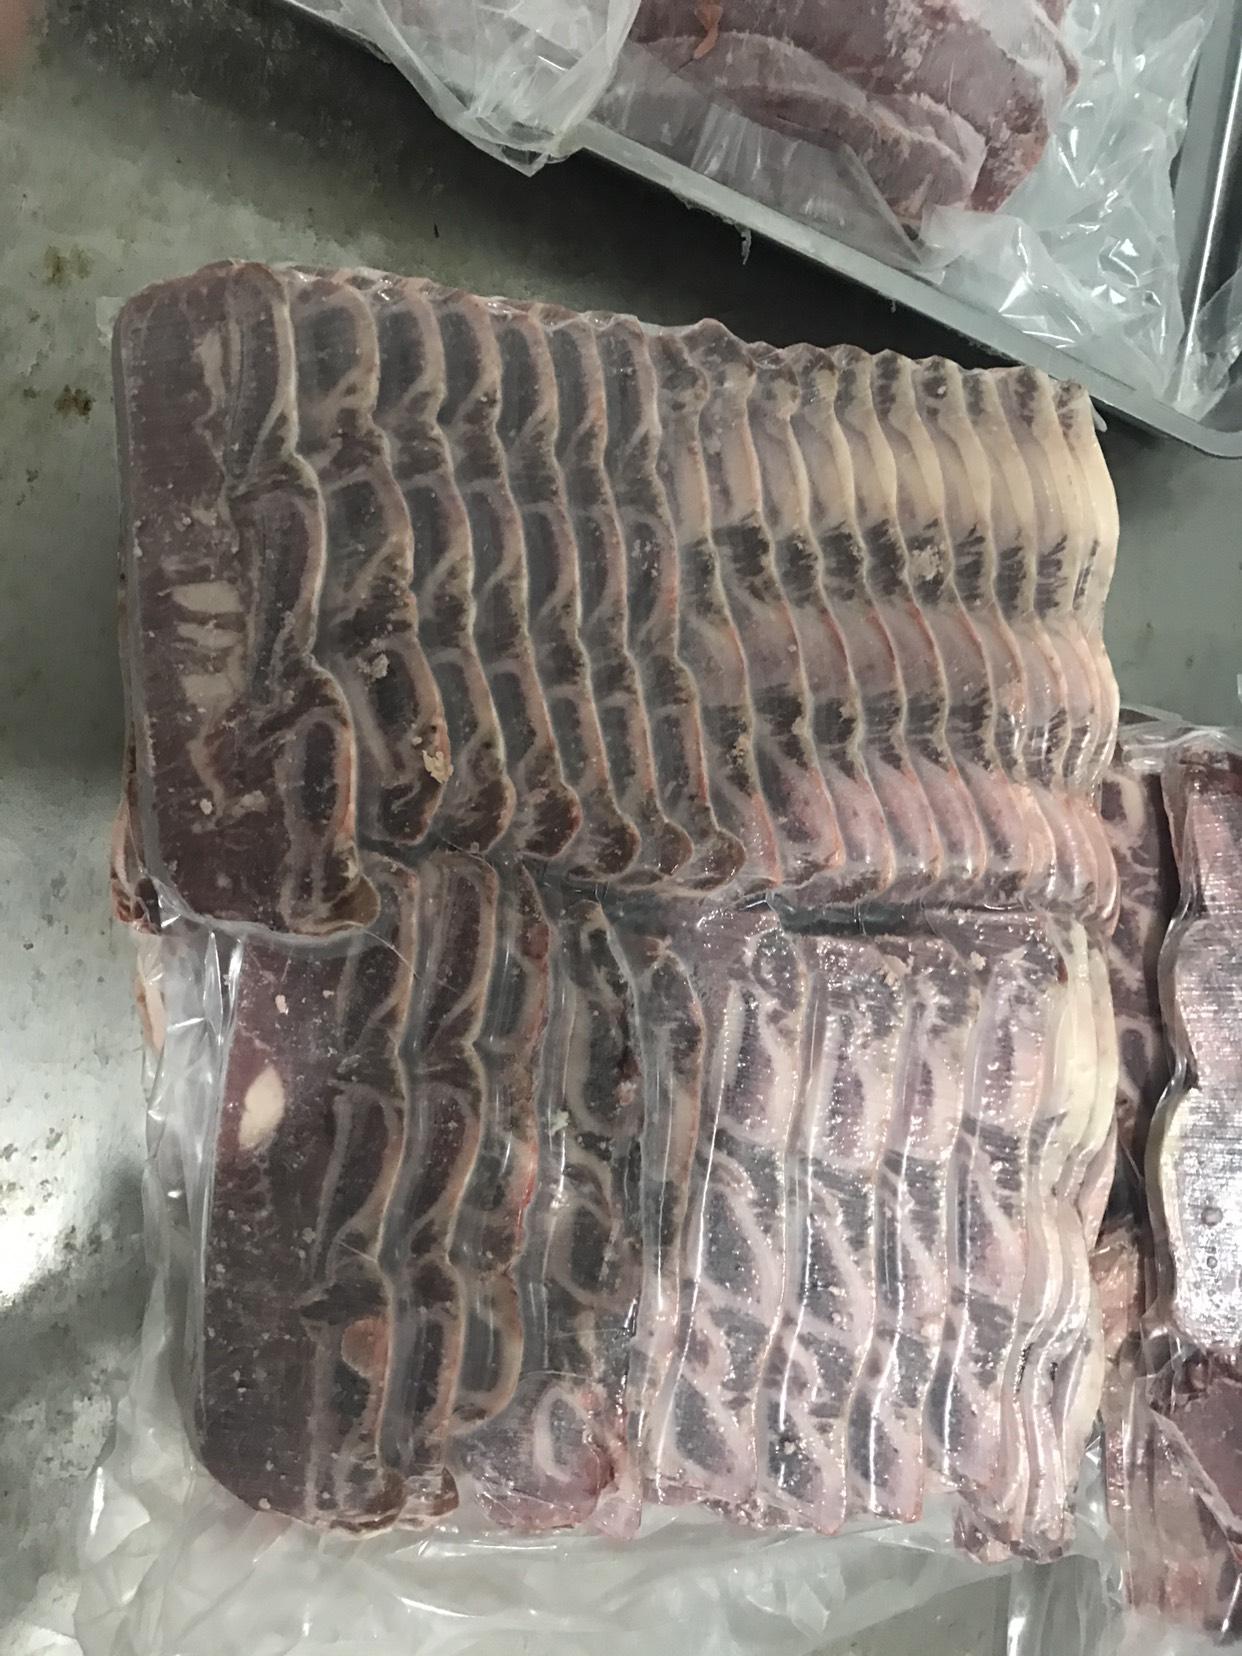 [牛排批发]牛排 生肉价格21.5元/斤